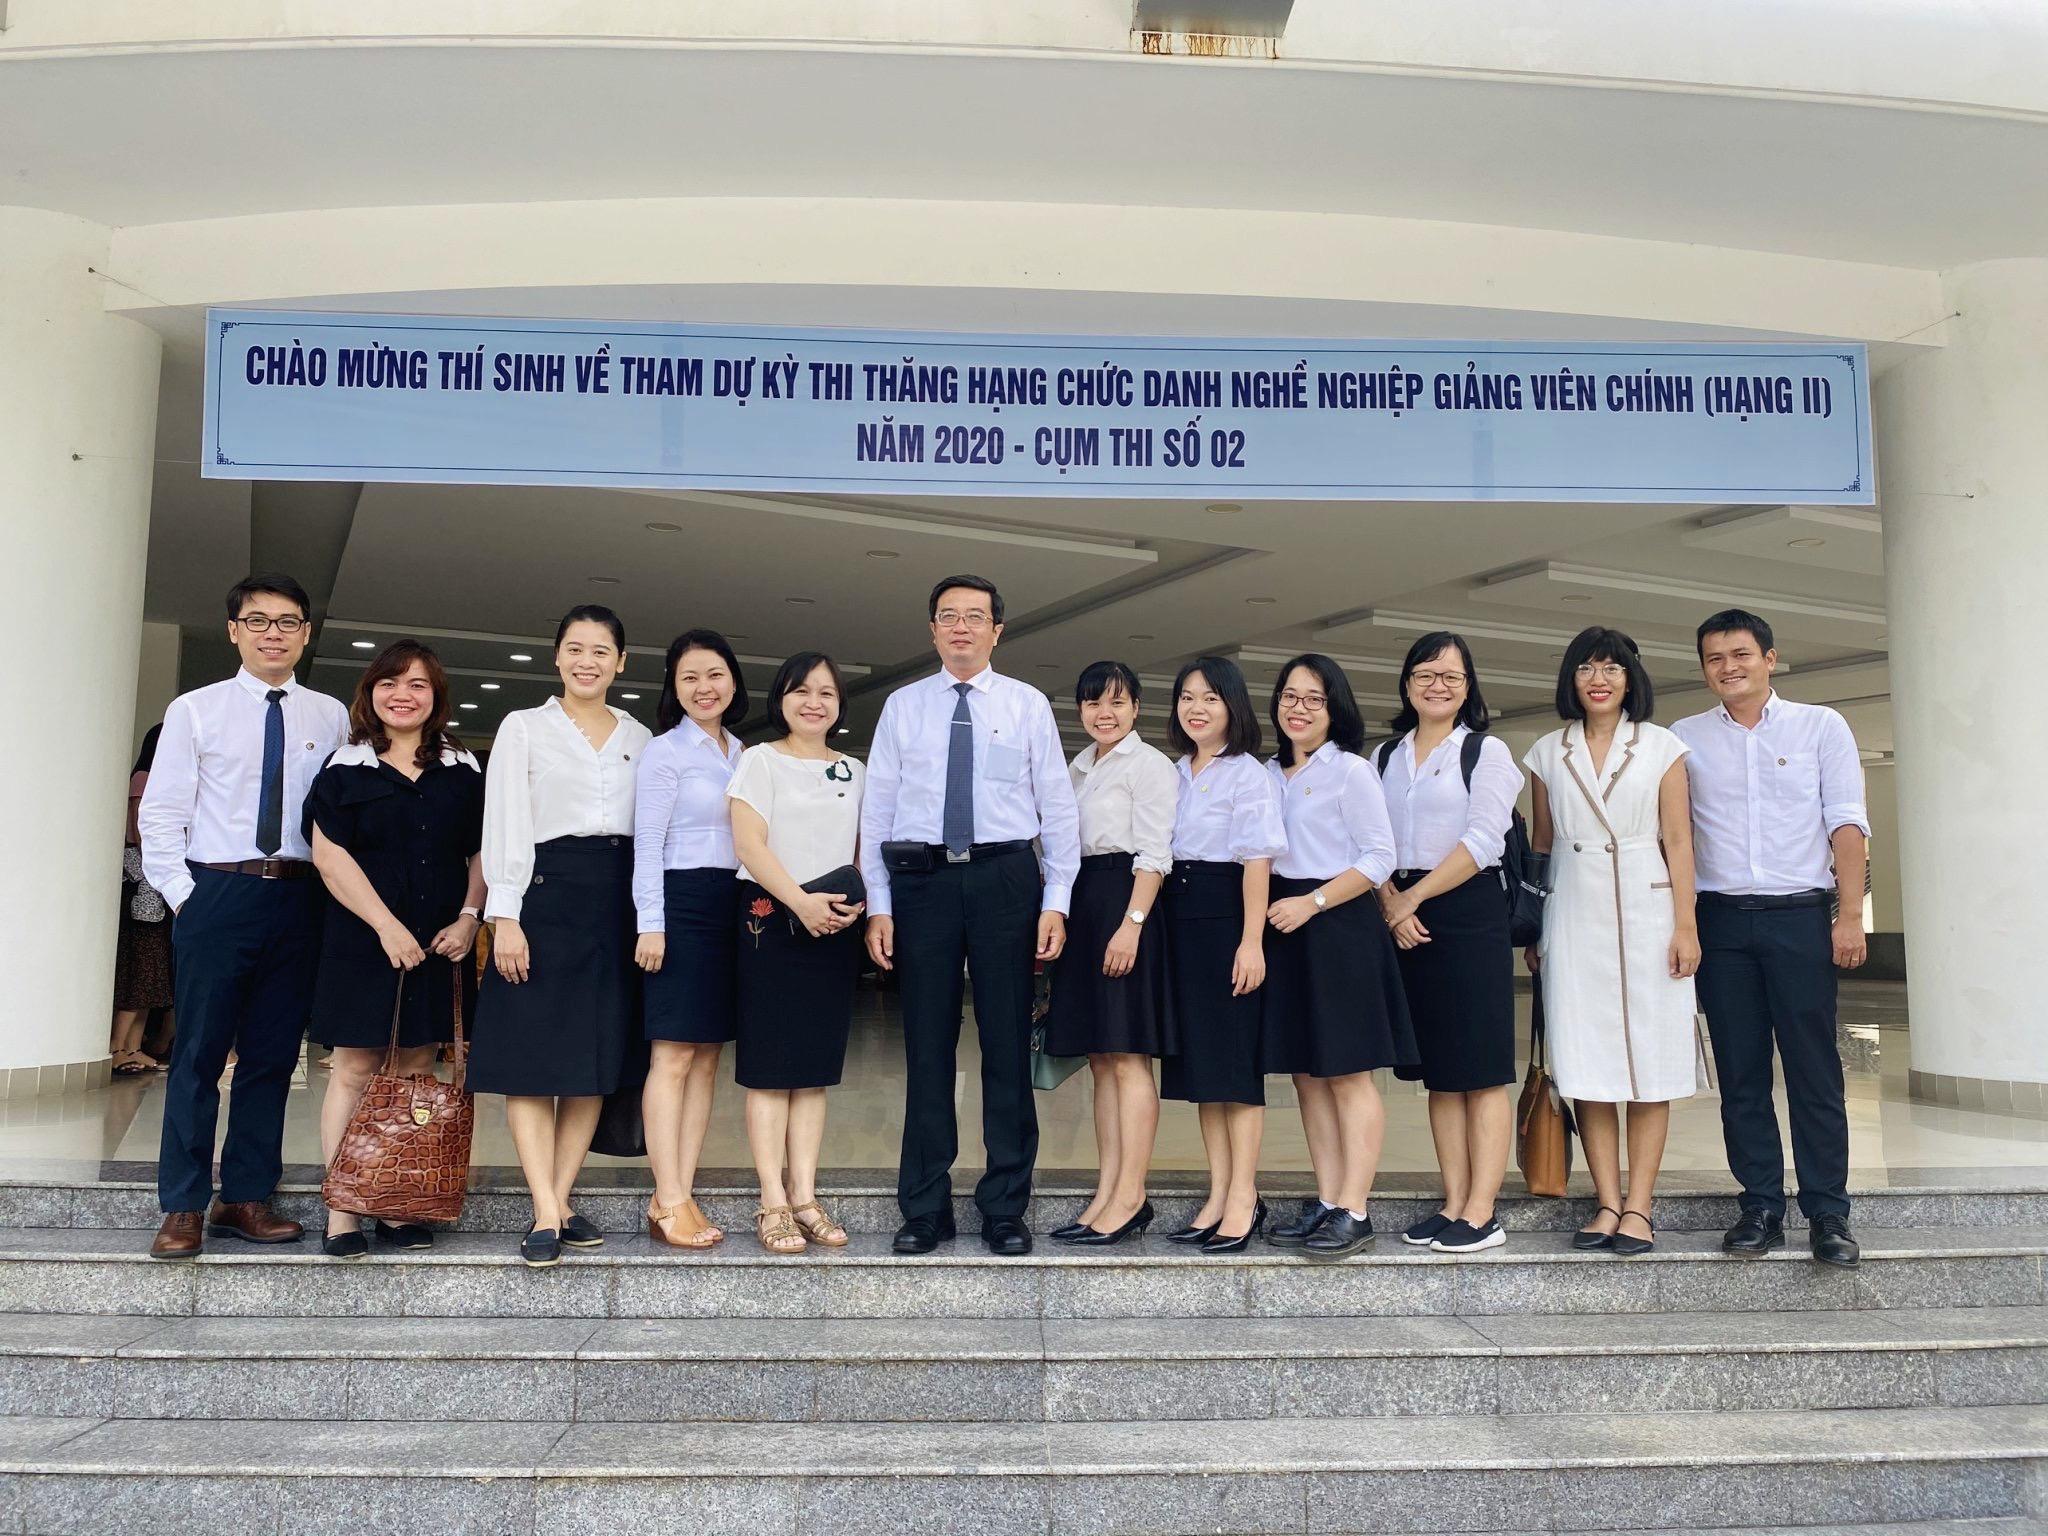 11 giảng viên Trường Đại học Y Dược dự thi thăng hạng chức danh nghề nghiệp giảng viên chính năm 2020